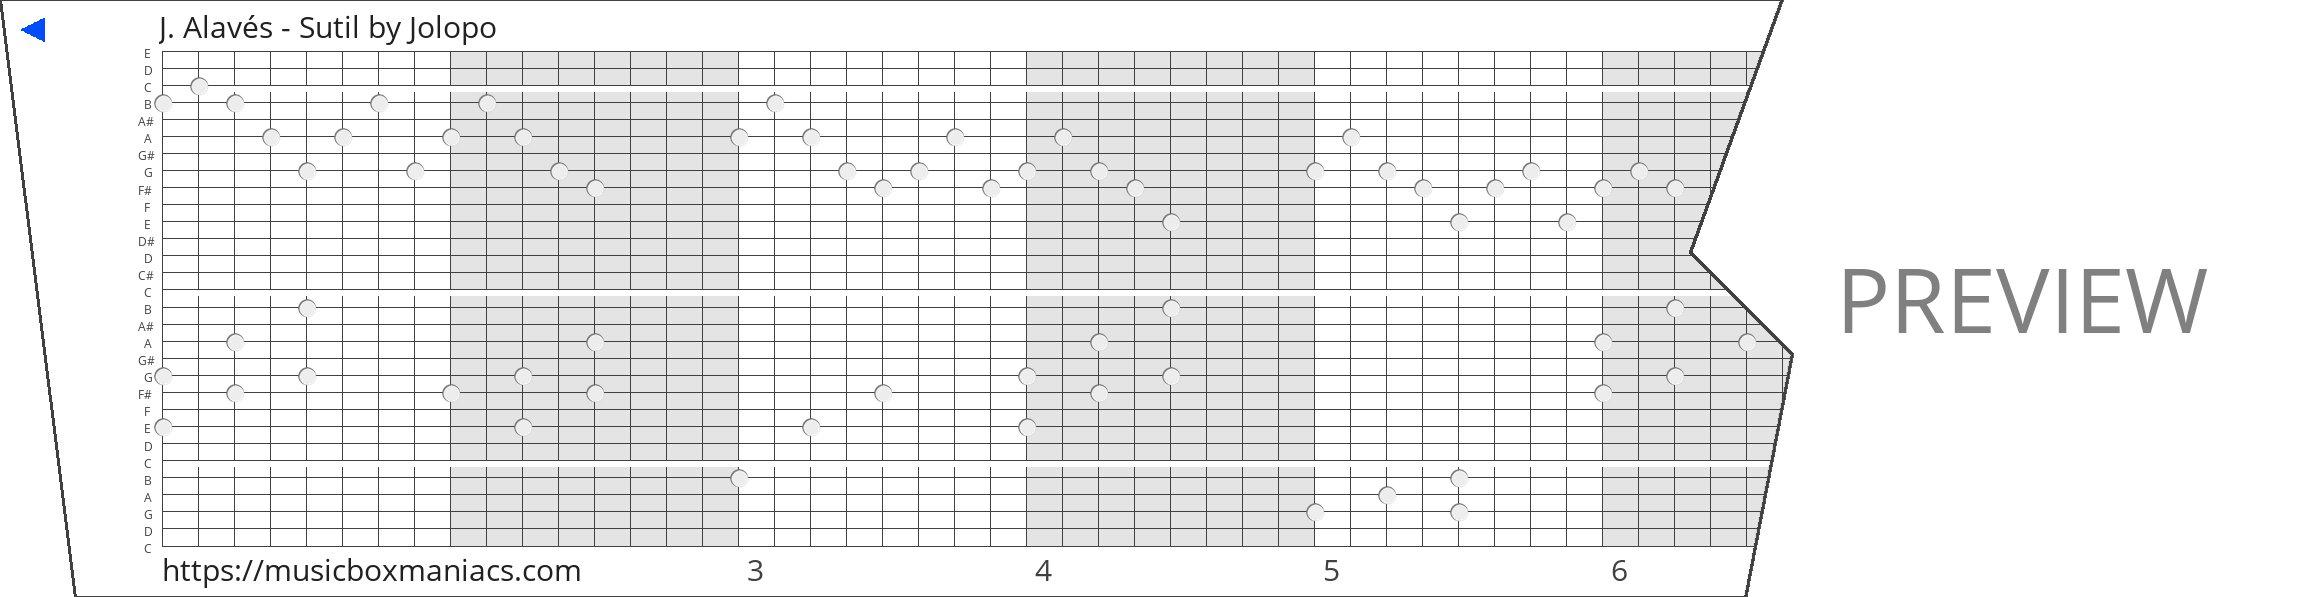 J. Alavés - Sutil 30 note music box paper strip